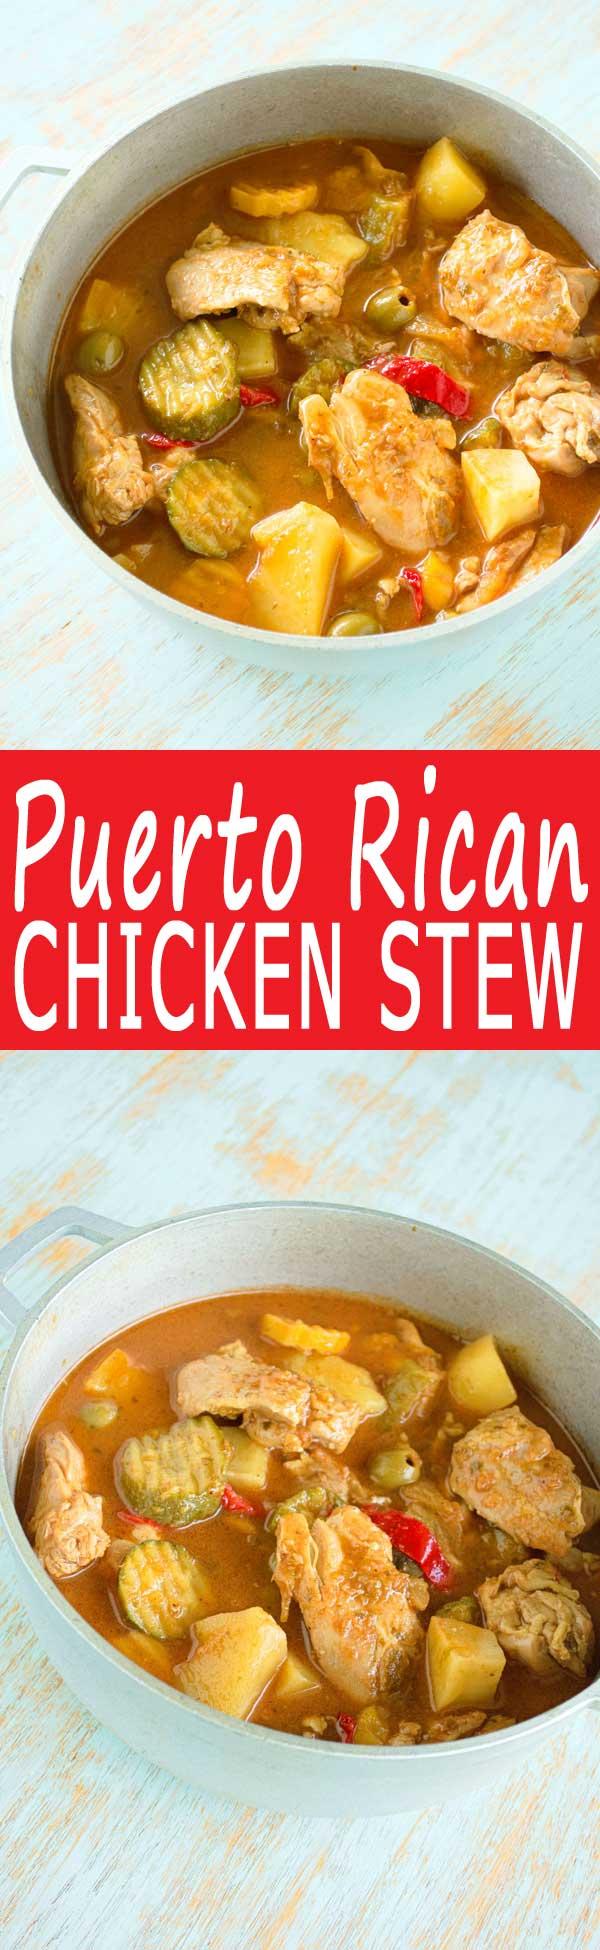 Puerto Rican Chicken Guisado De Pollo Kitchen Gidget